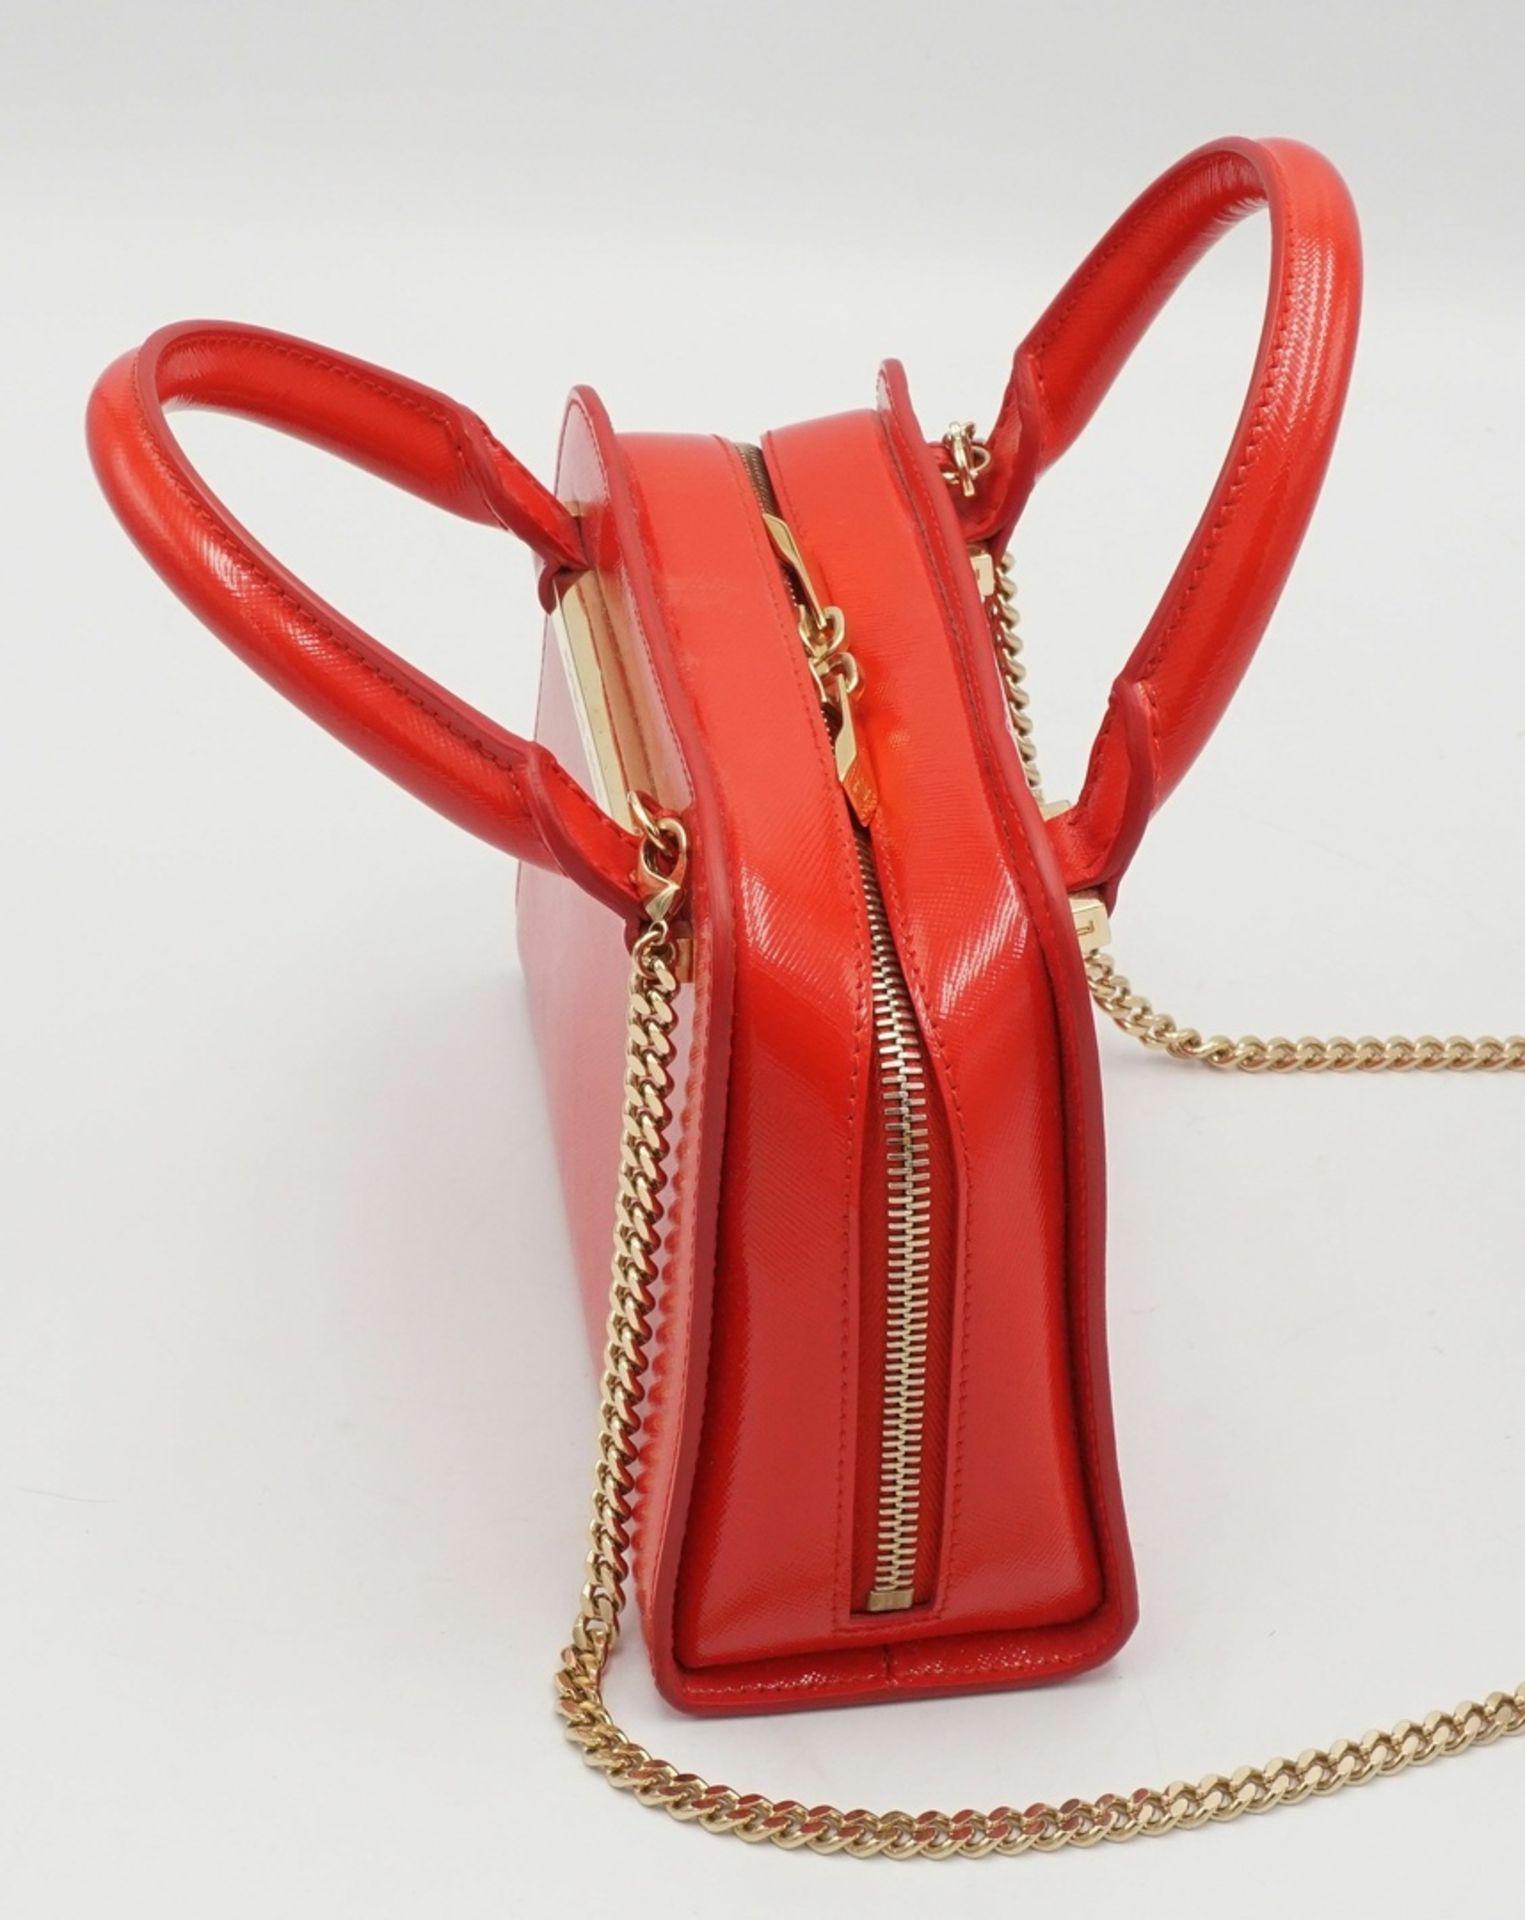 PORSCHE Design TwinBag Mini RED GOLD - Bild 4 aus 9